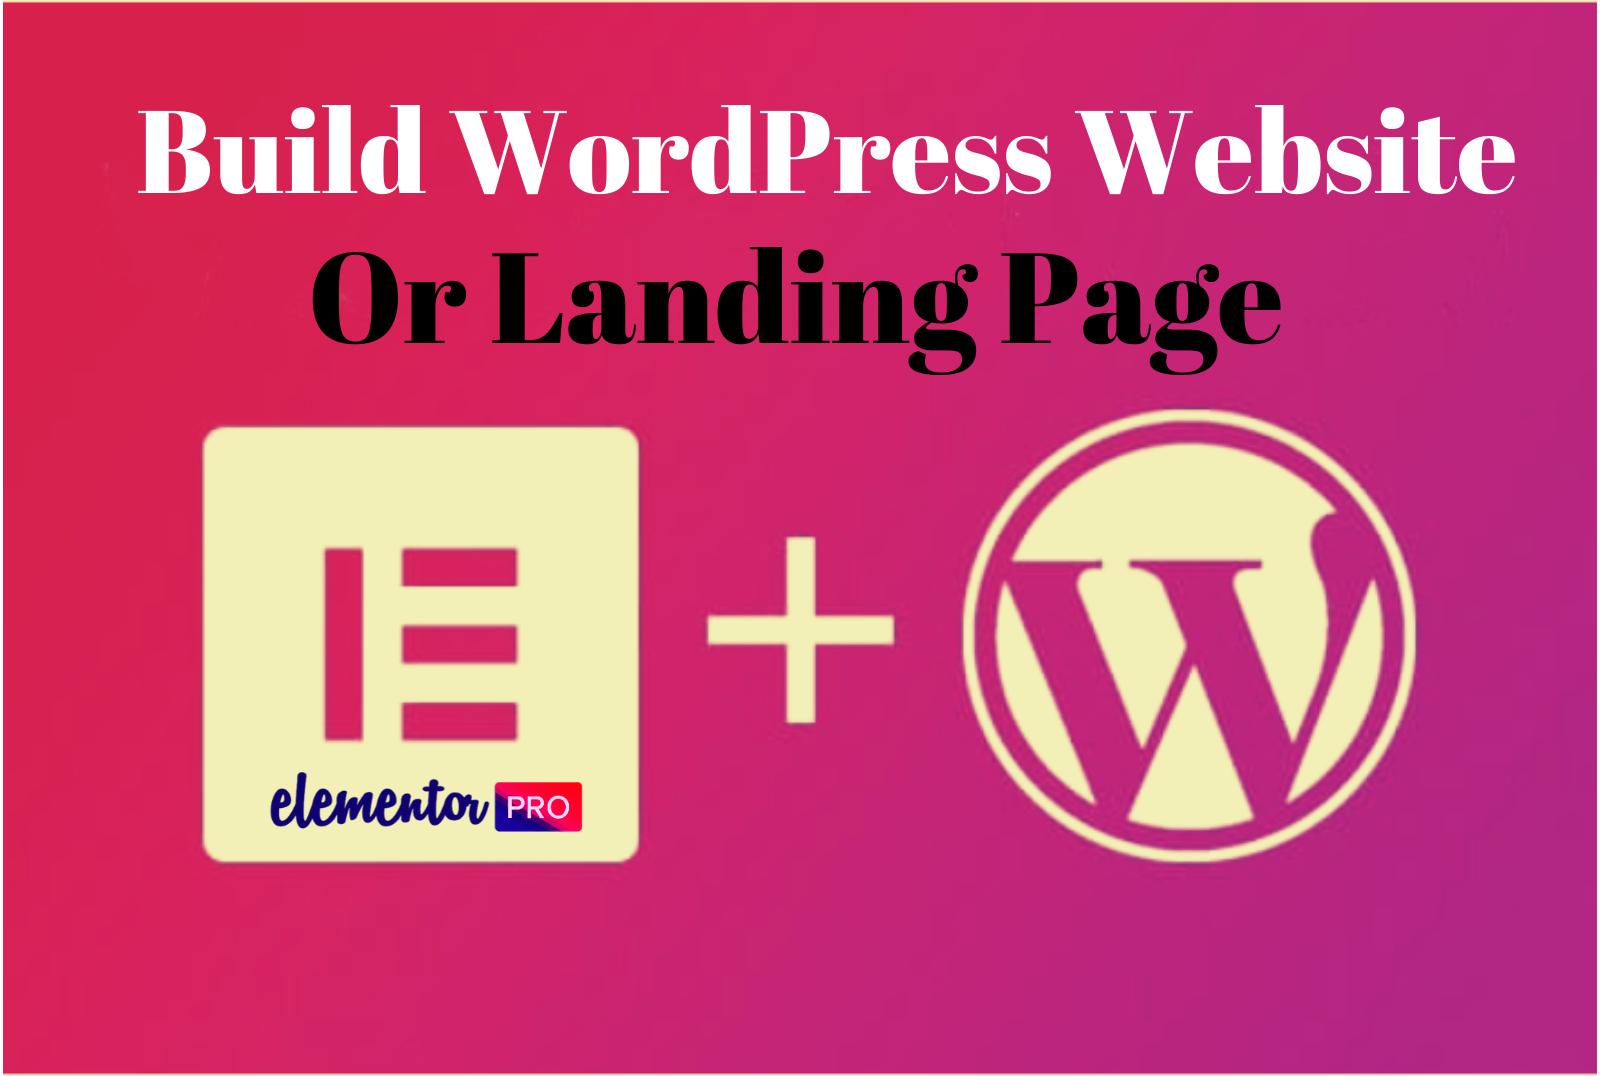 Design WordPress landing page using elementor Plugins